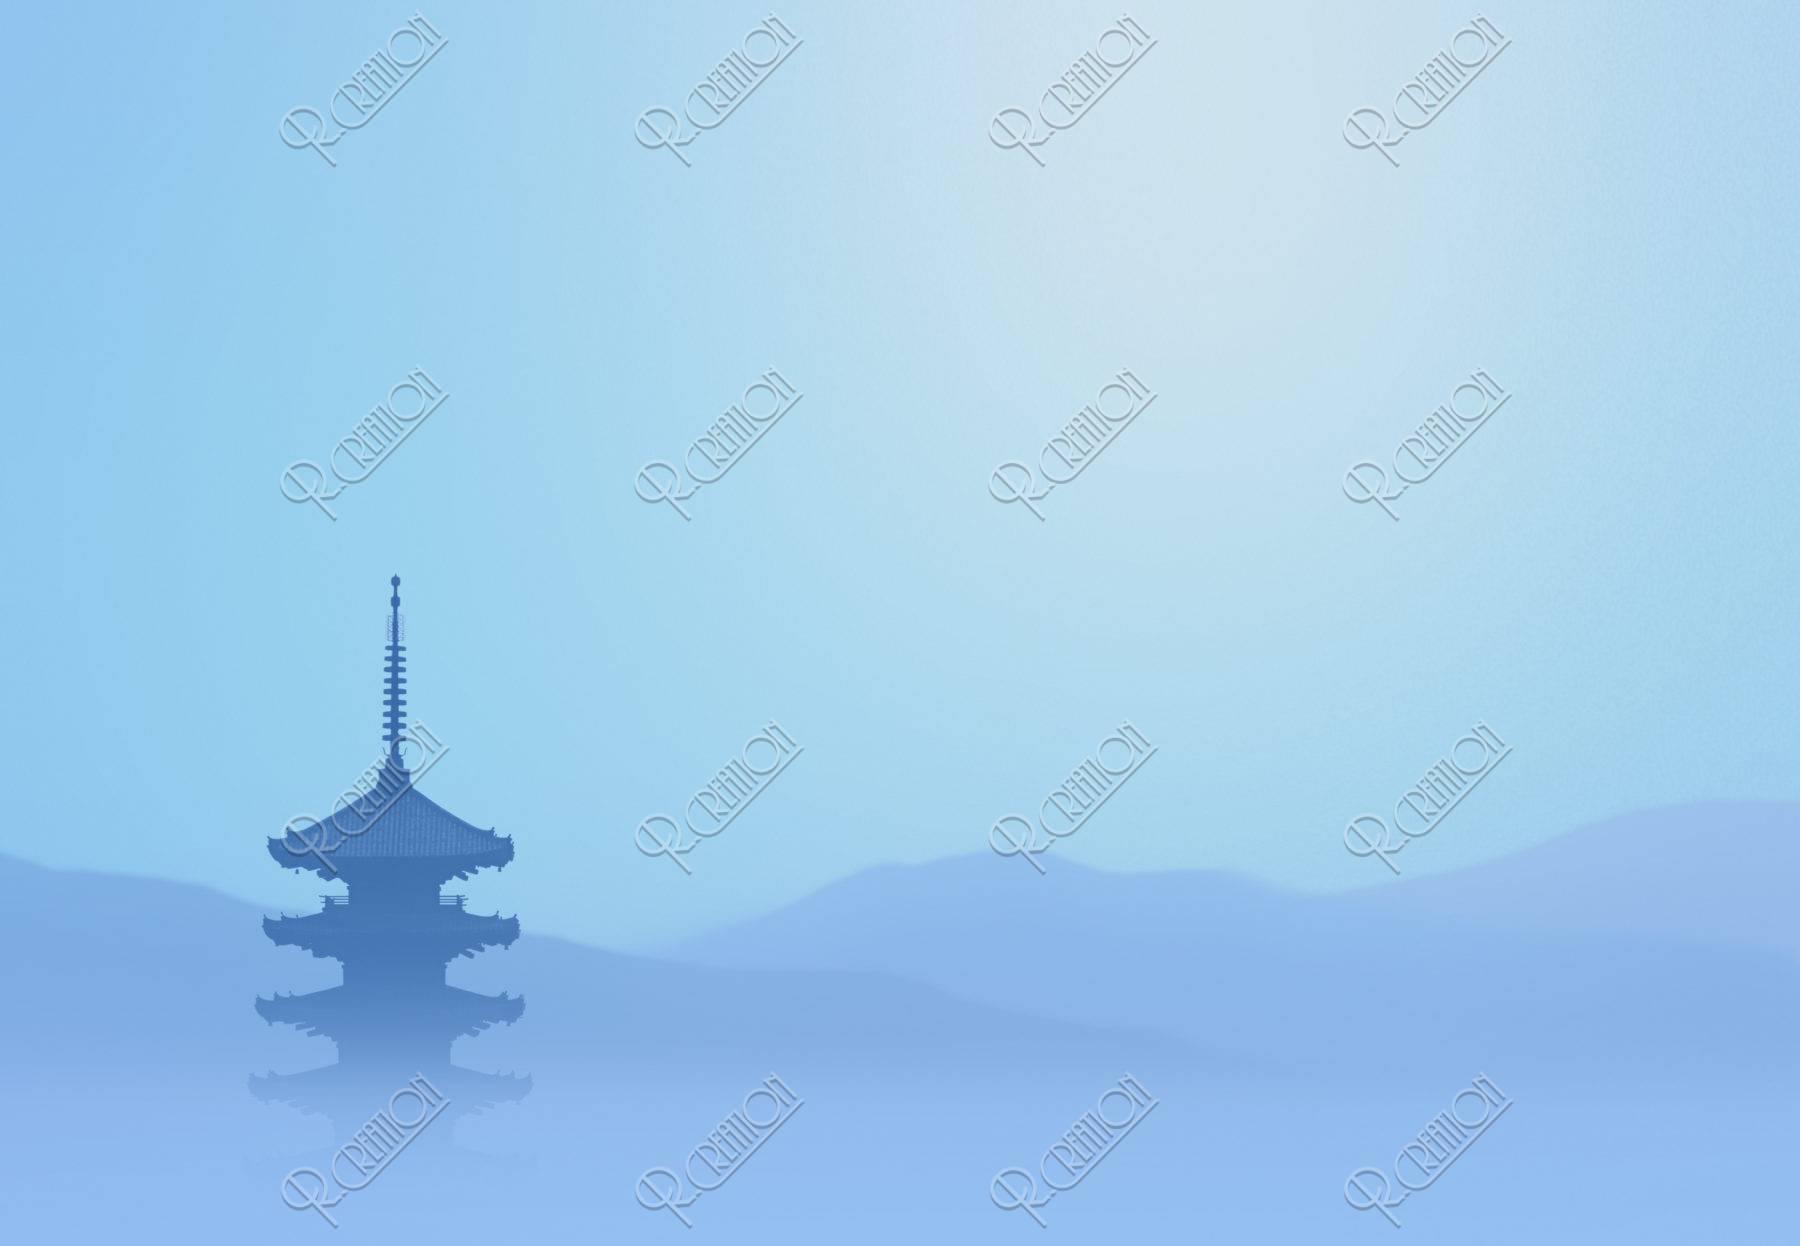 五重塔と山並のイメージ